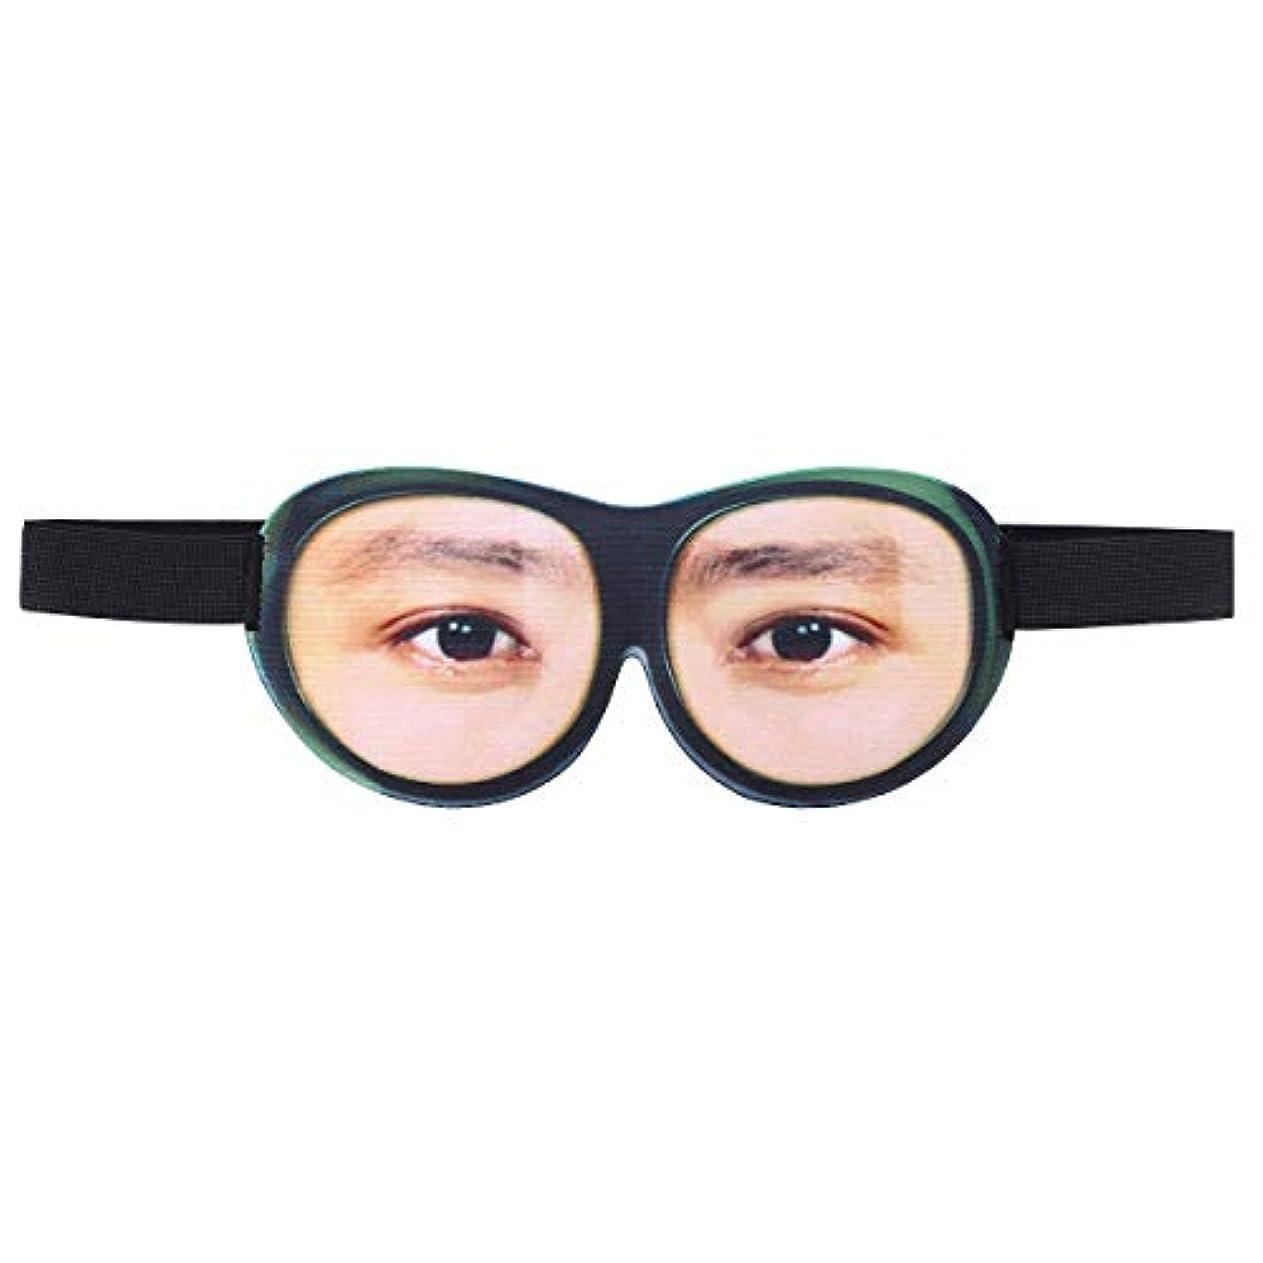 Healifty 3D面白いアイシェード睡眠マスク旅行アイマスク目隠し睡眠ヘルパーアイシェード男性女性旅行昼寝と深い眠り(男になりすまし)